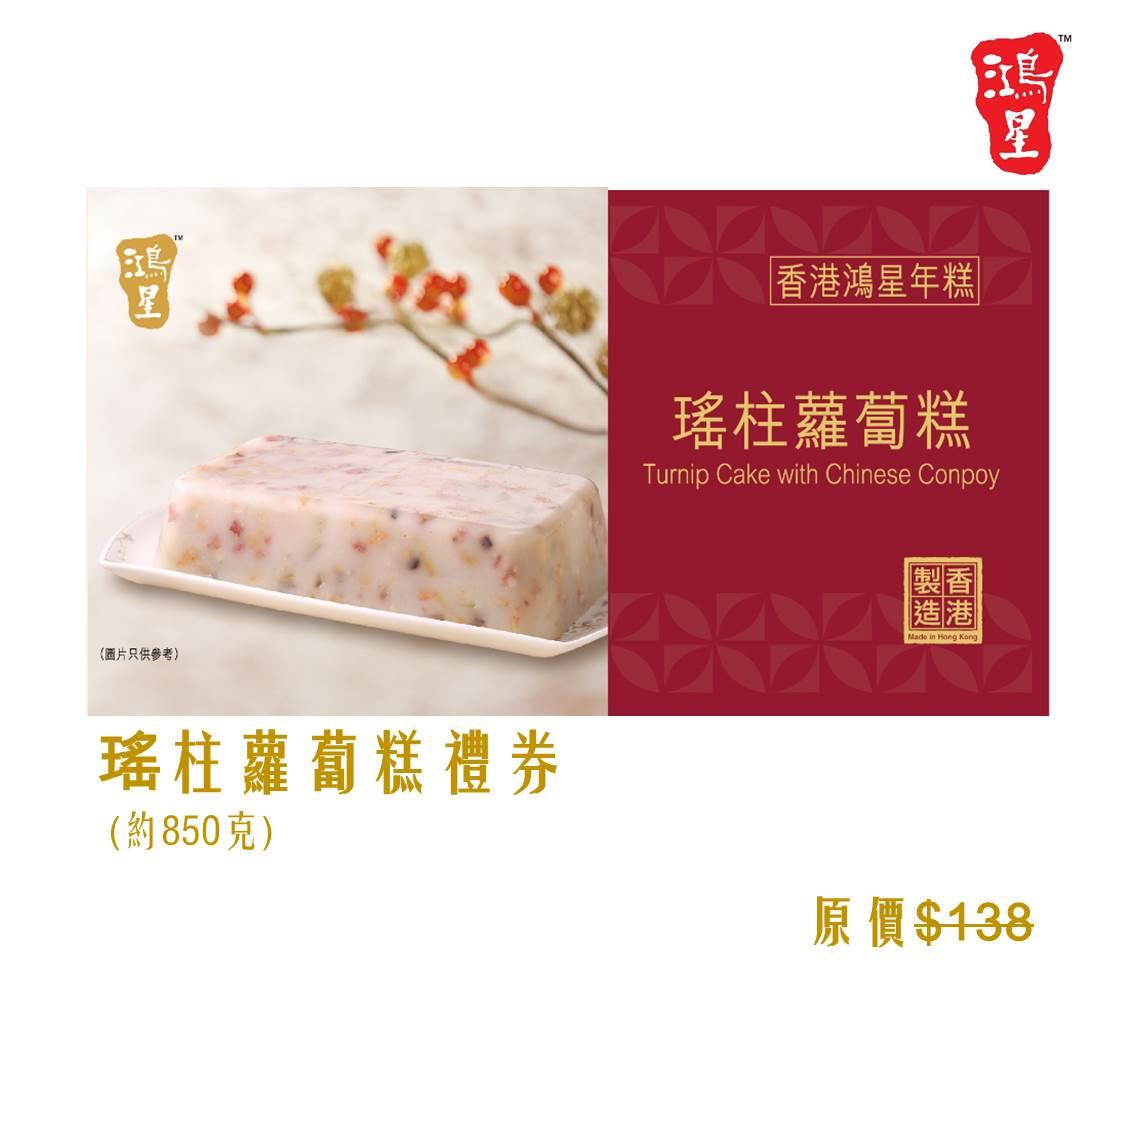 鴻星瑤柱蘿蔔糕券